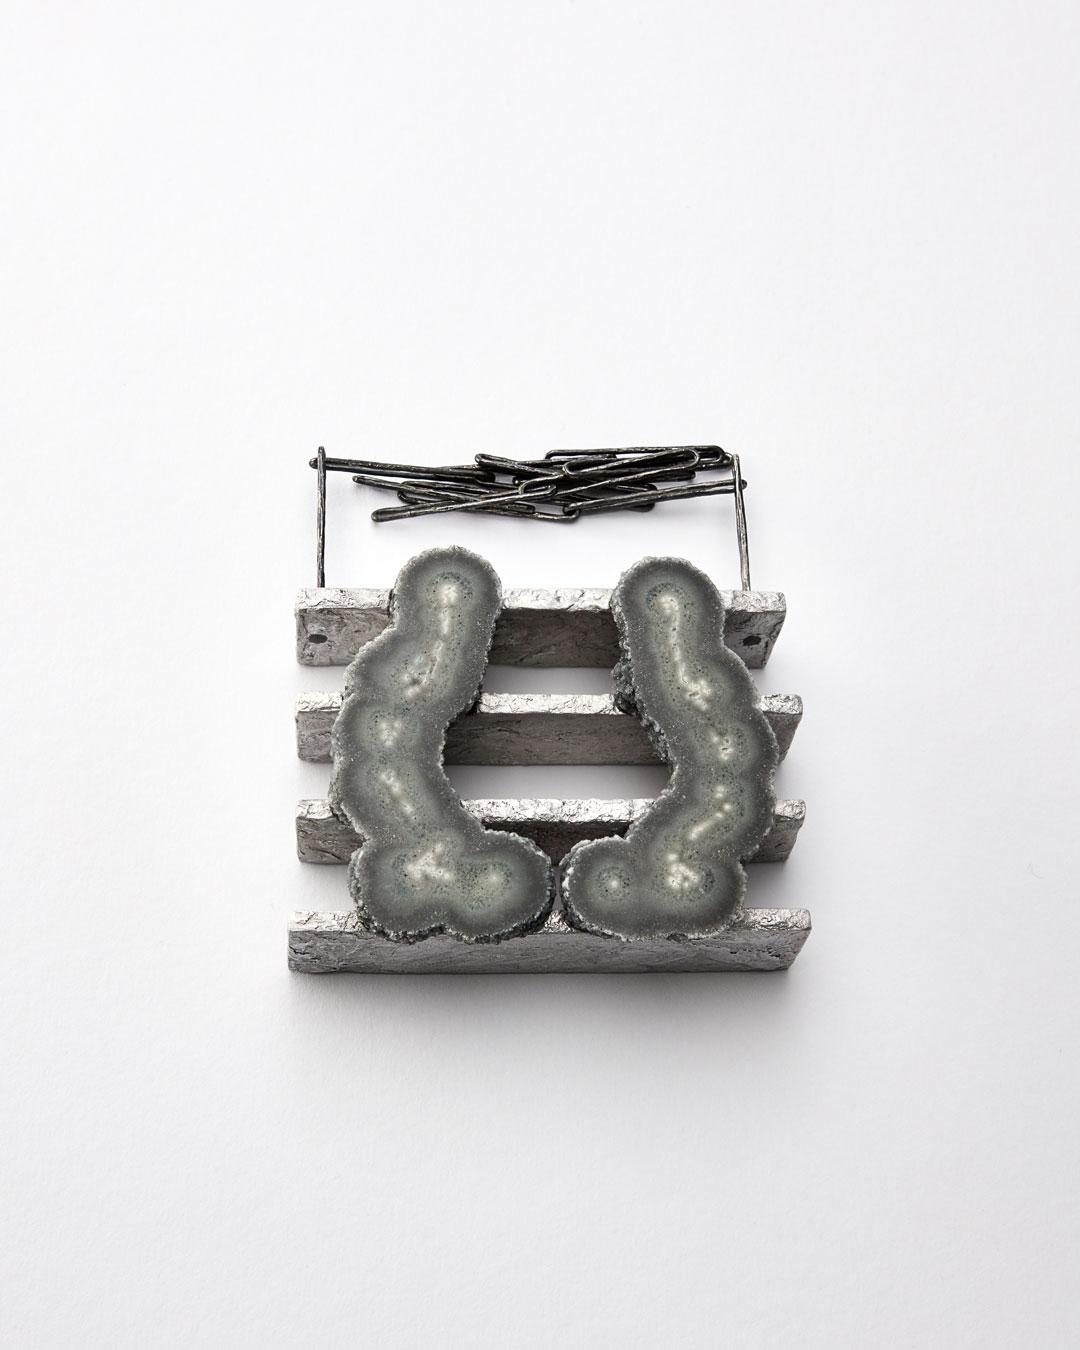 Iris Bodemer, Ordnung 4 (Array 4), 2019, hanger; aluminium, agaat, zilver, montagelijm, 80 x 100 x 30 mm, €4000